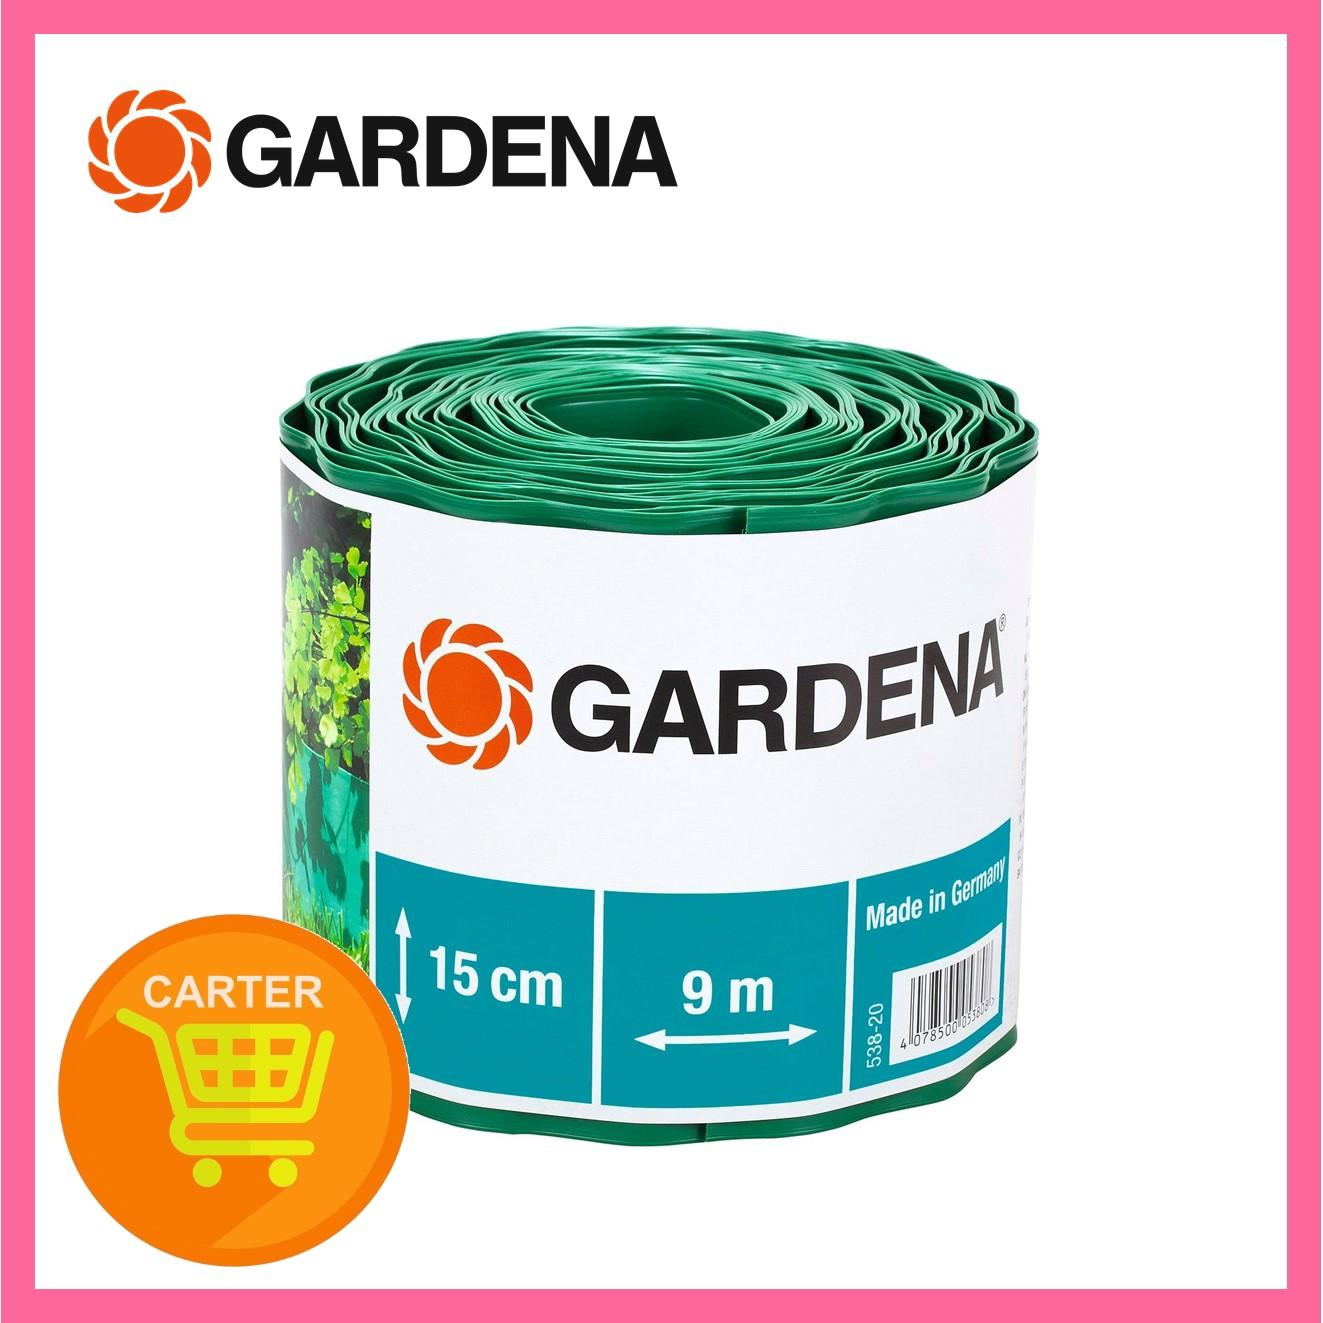 GARDENA LAWN EDGING G538